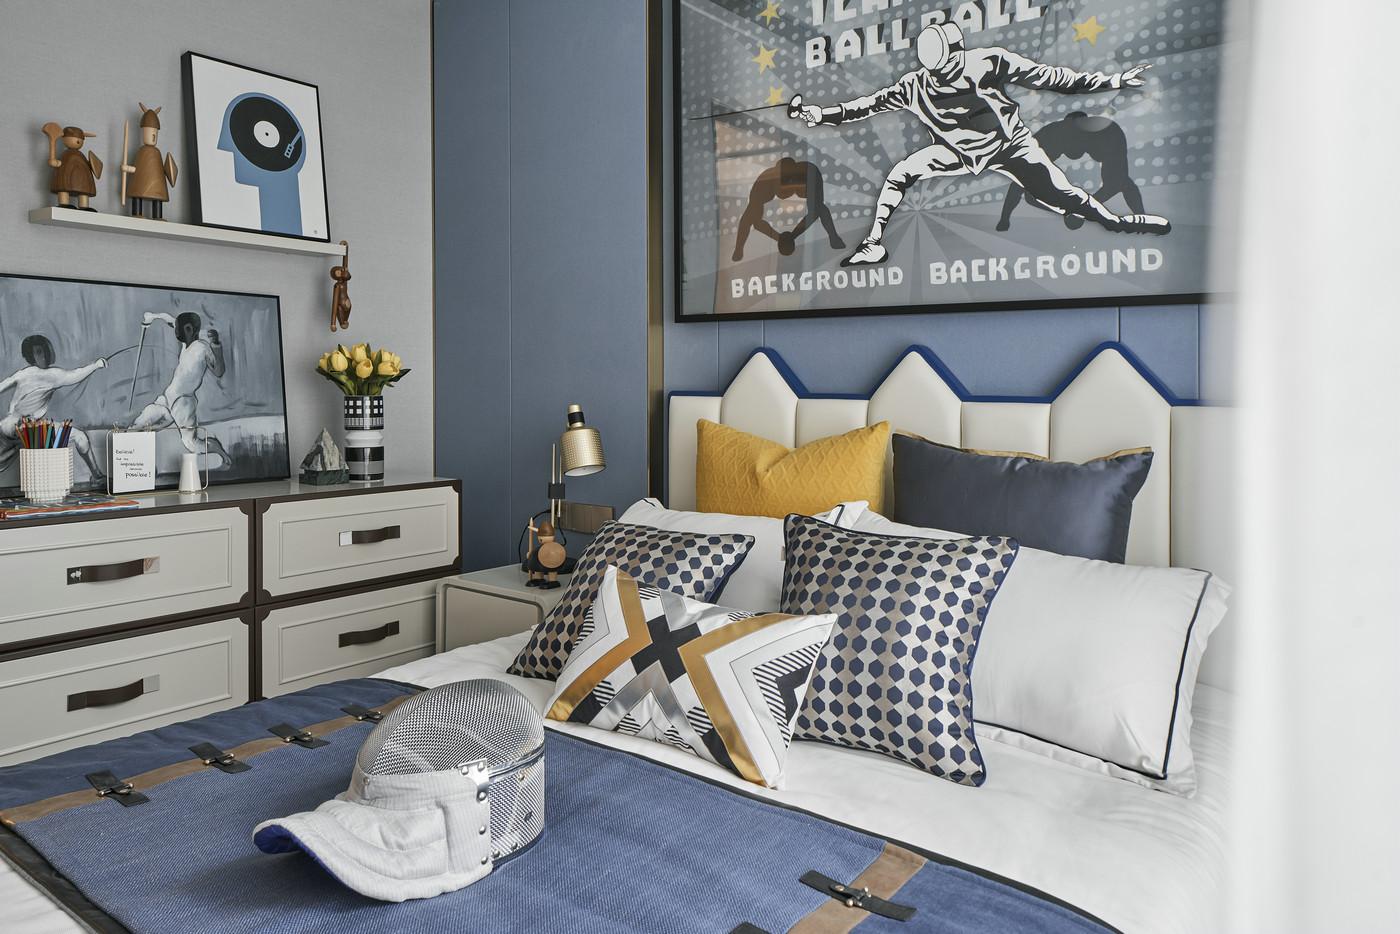 儿童房以蓝色调为基础,童趣雅致,床头一侧利用了纵向空间宽度,打造收纳柜,整体温馨高级。